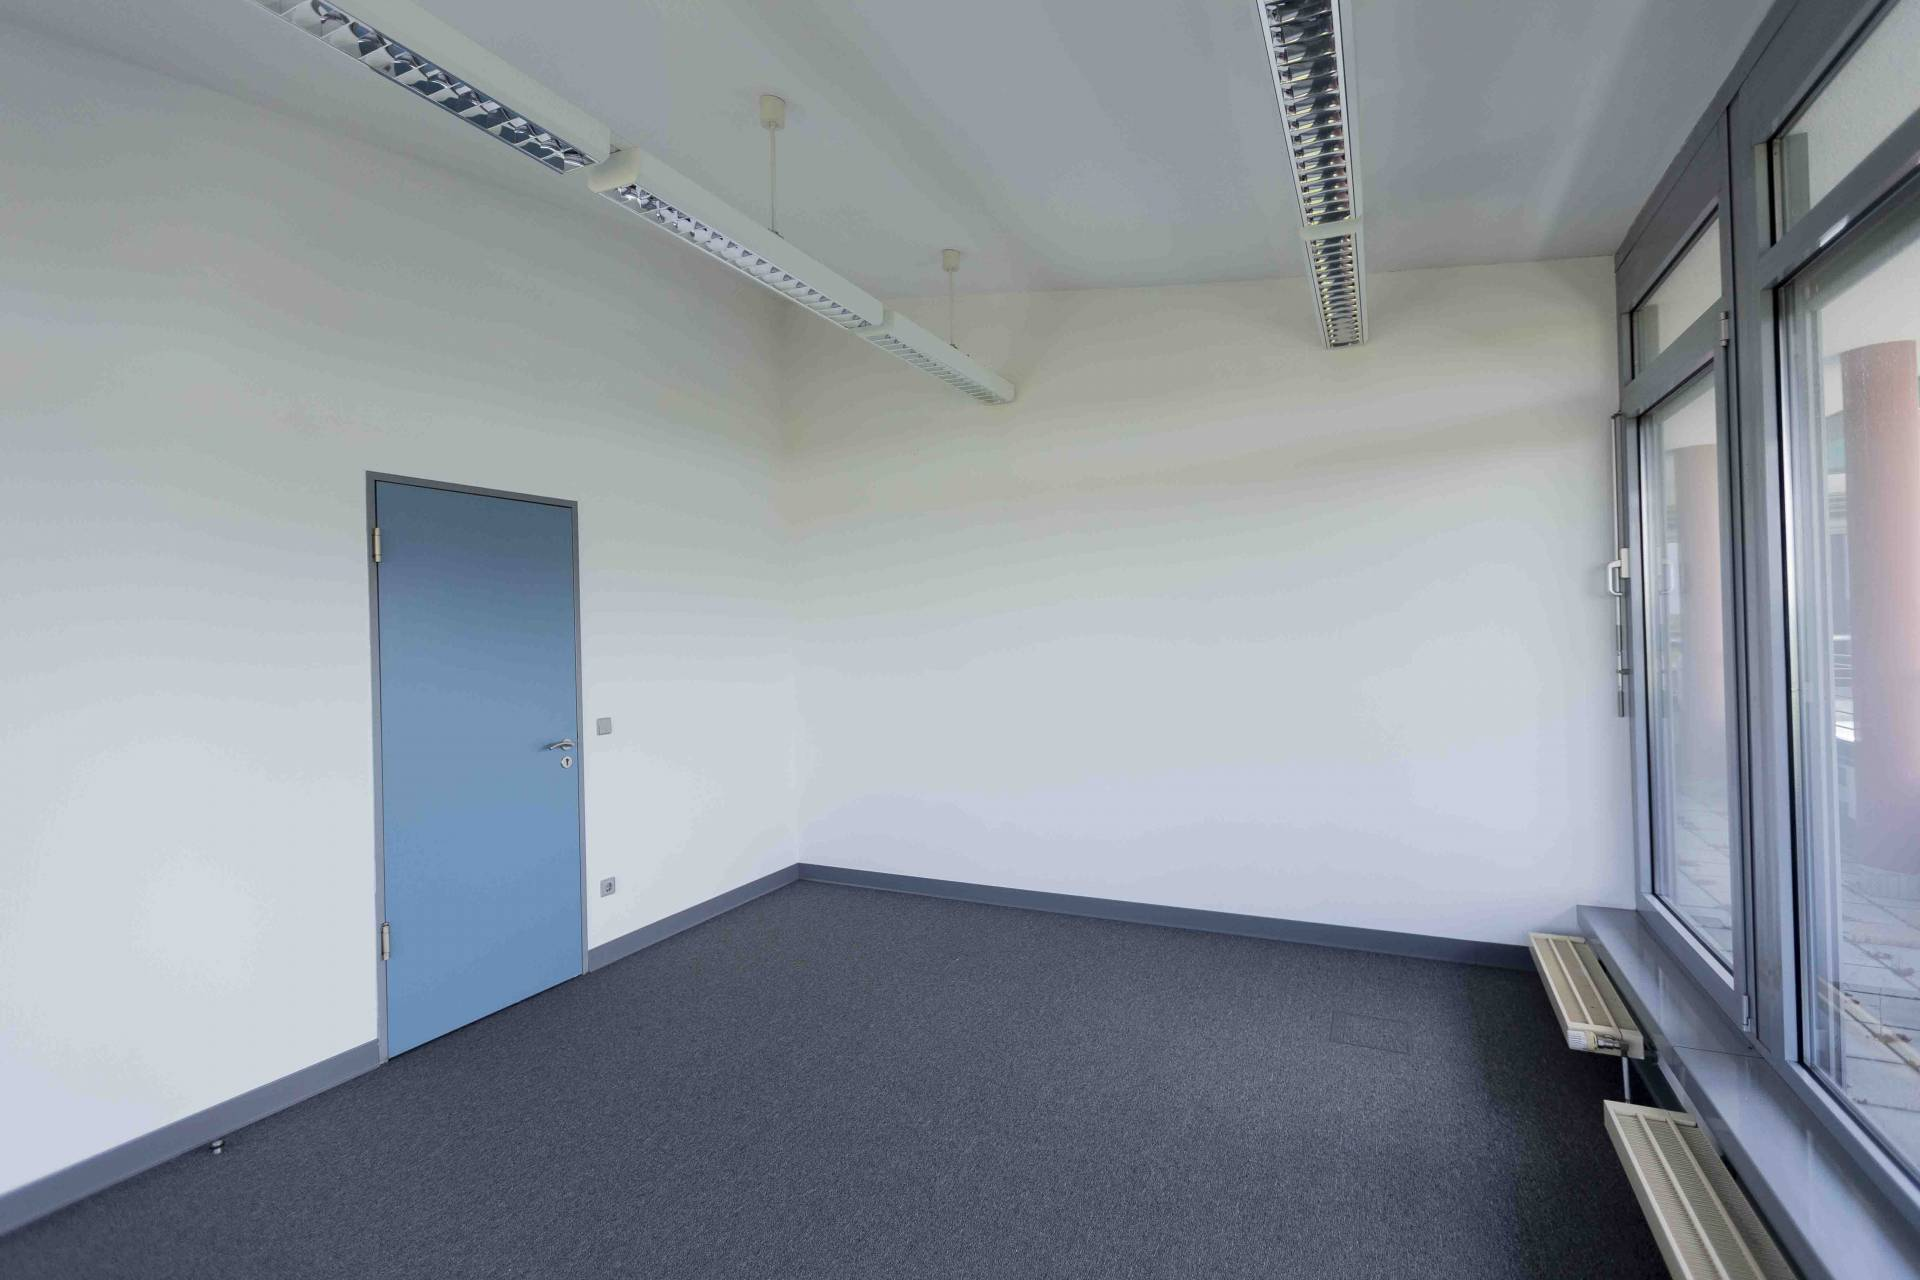 kleines Büro mieten München